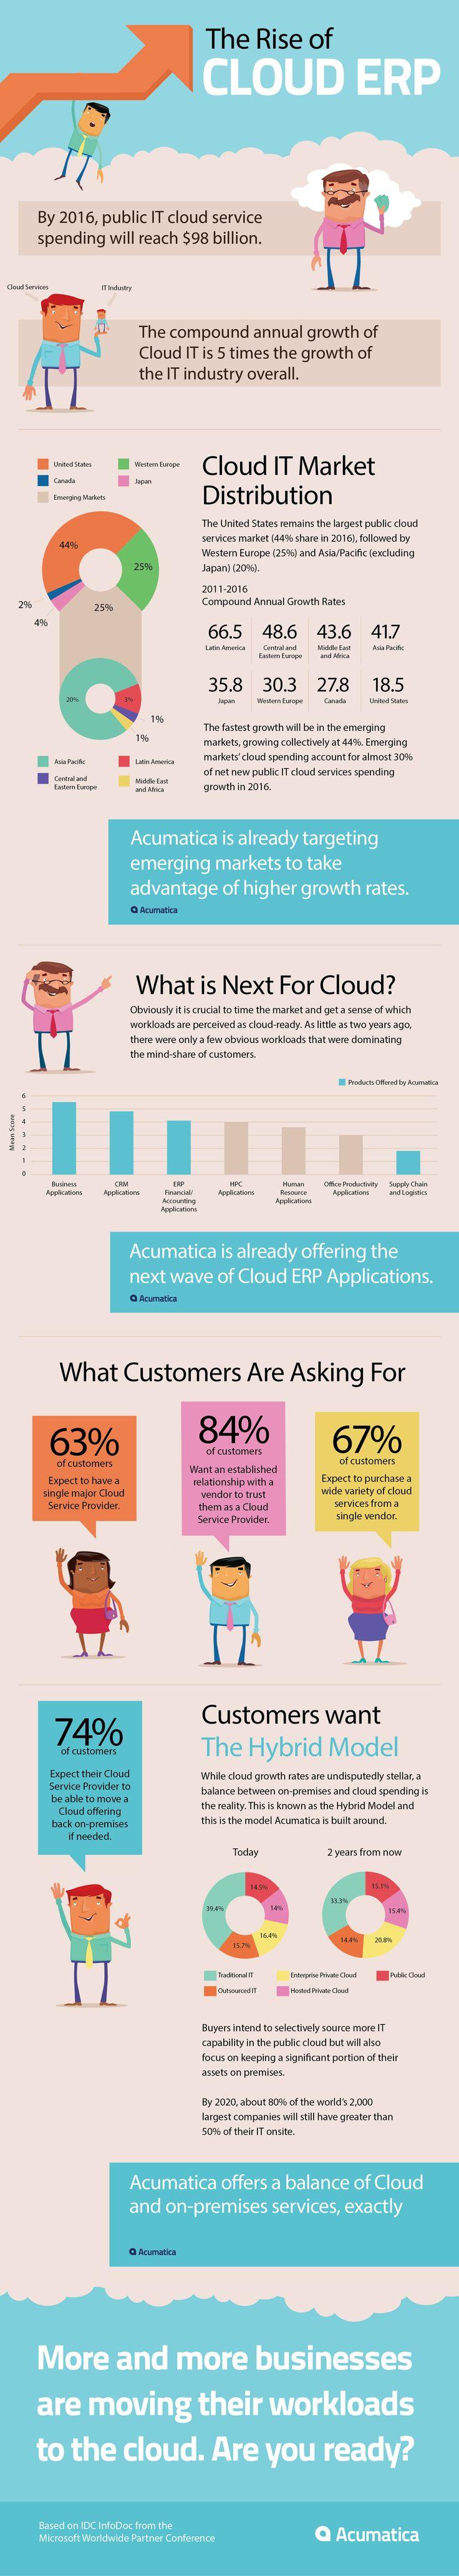 The Rise of Cloud ERP www.hydra.pt #microsoft #erp